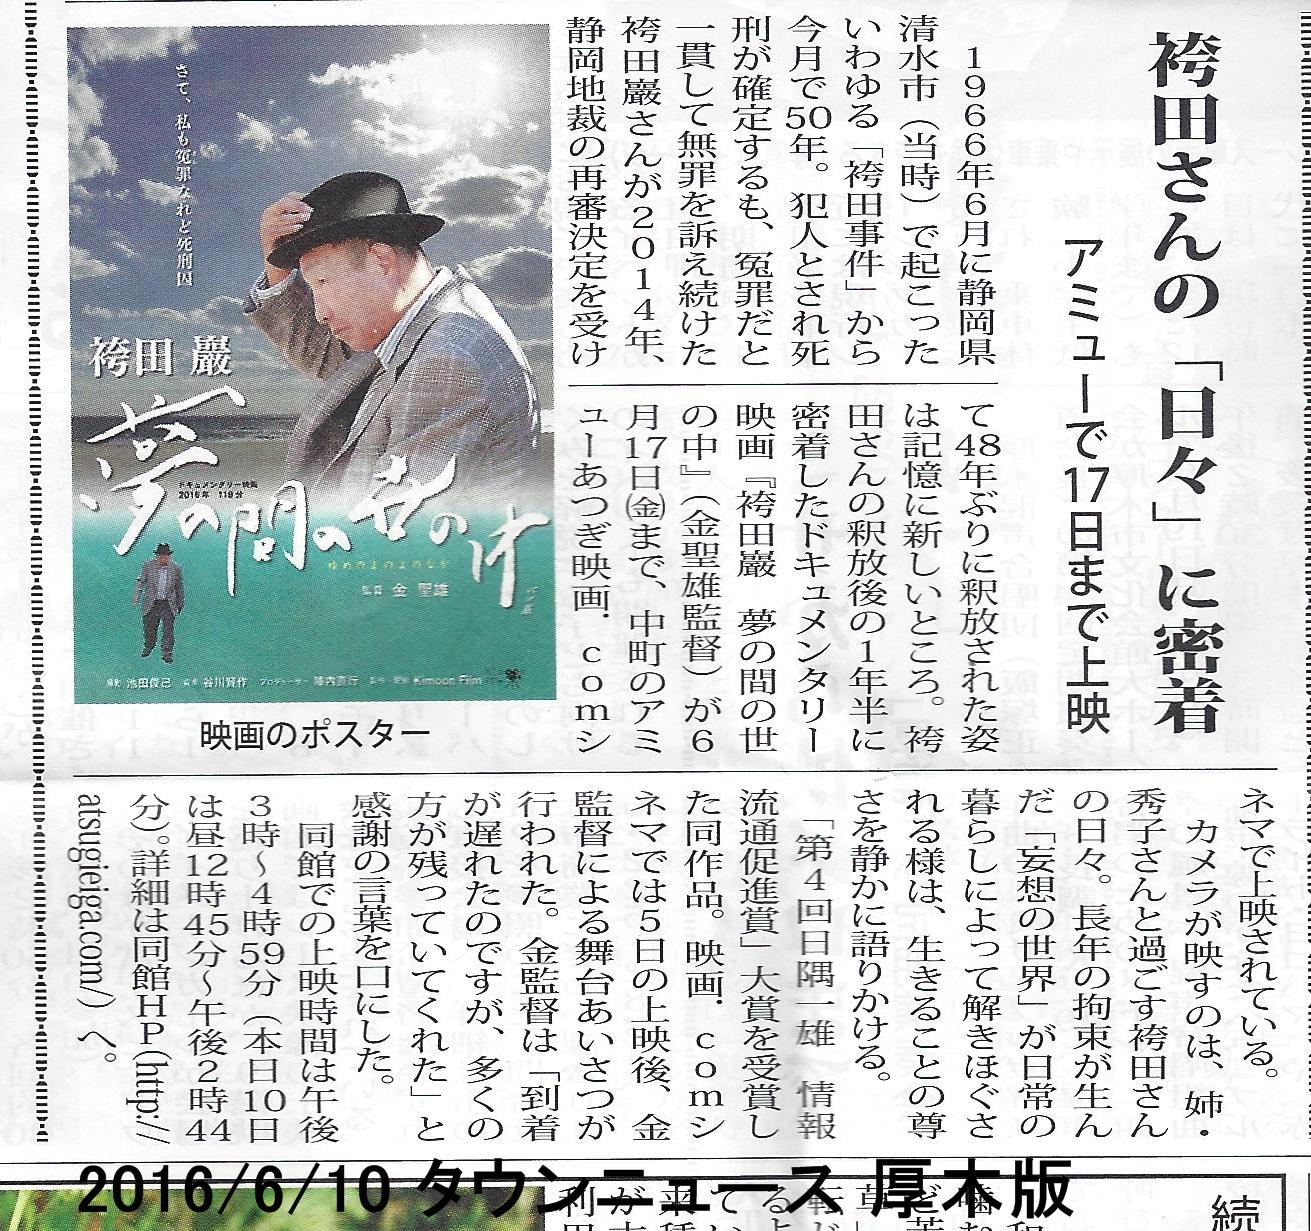 2016.6.10 タウンニュース厚木版